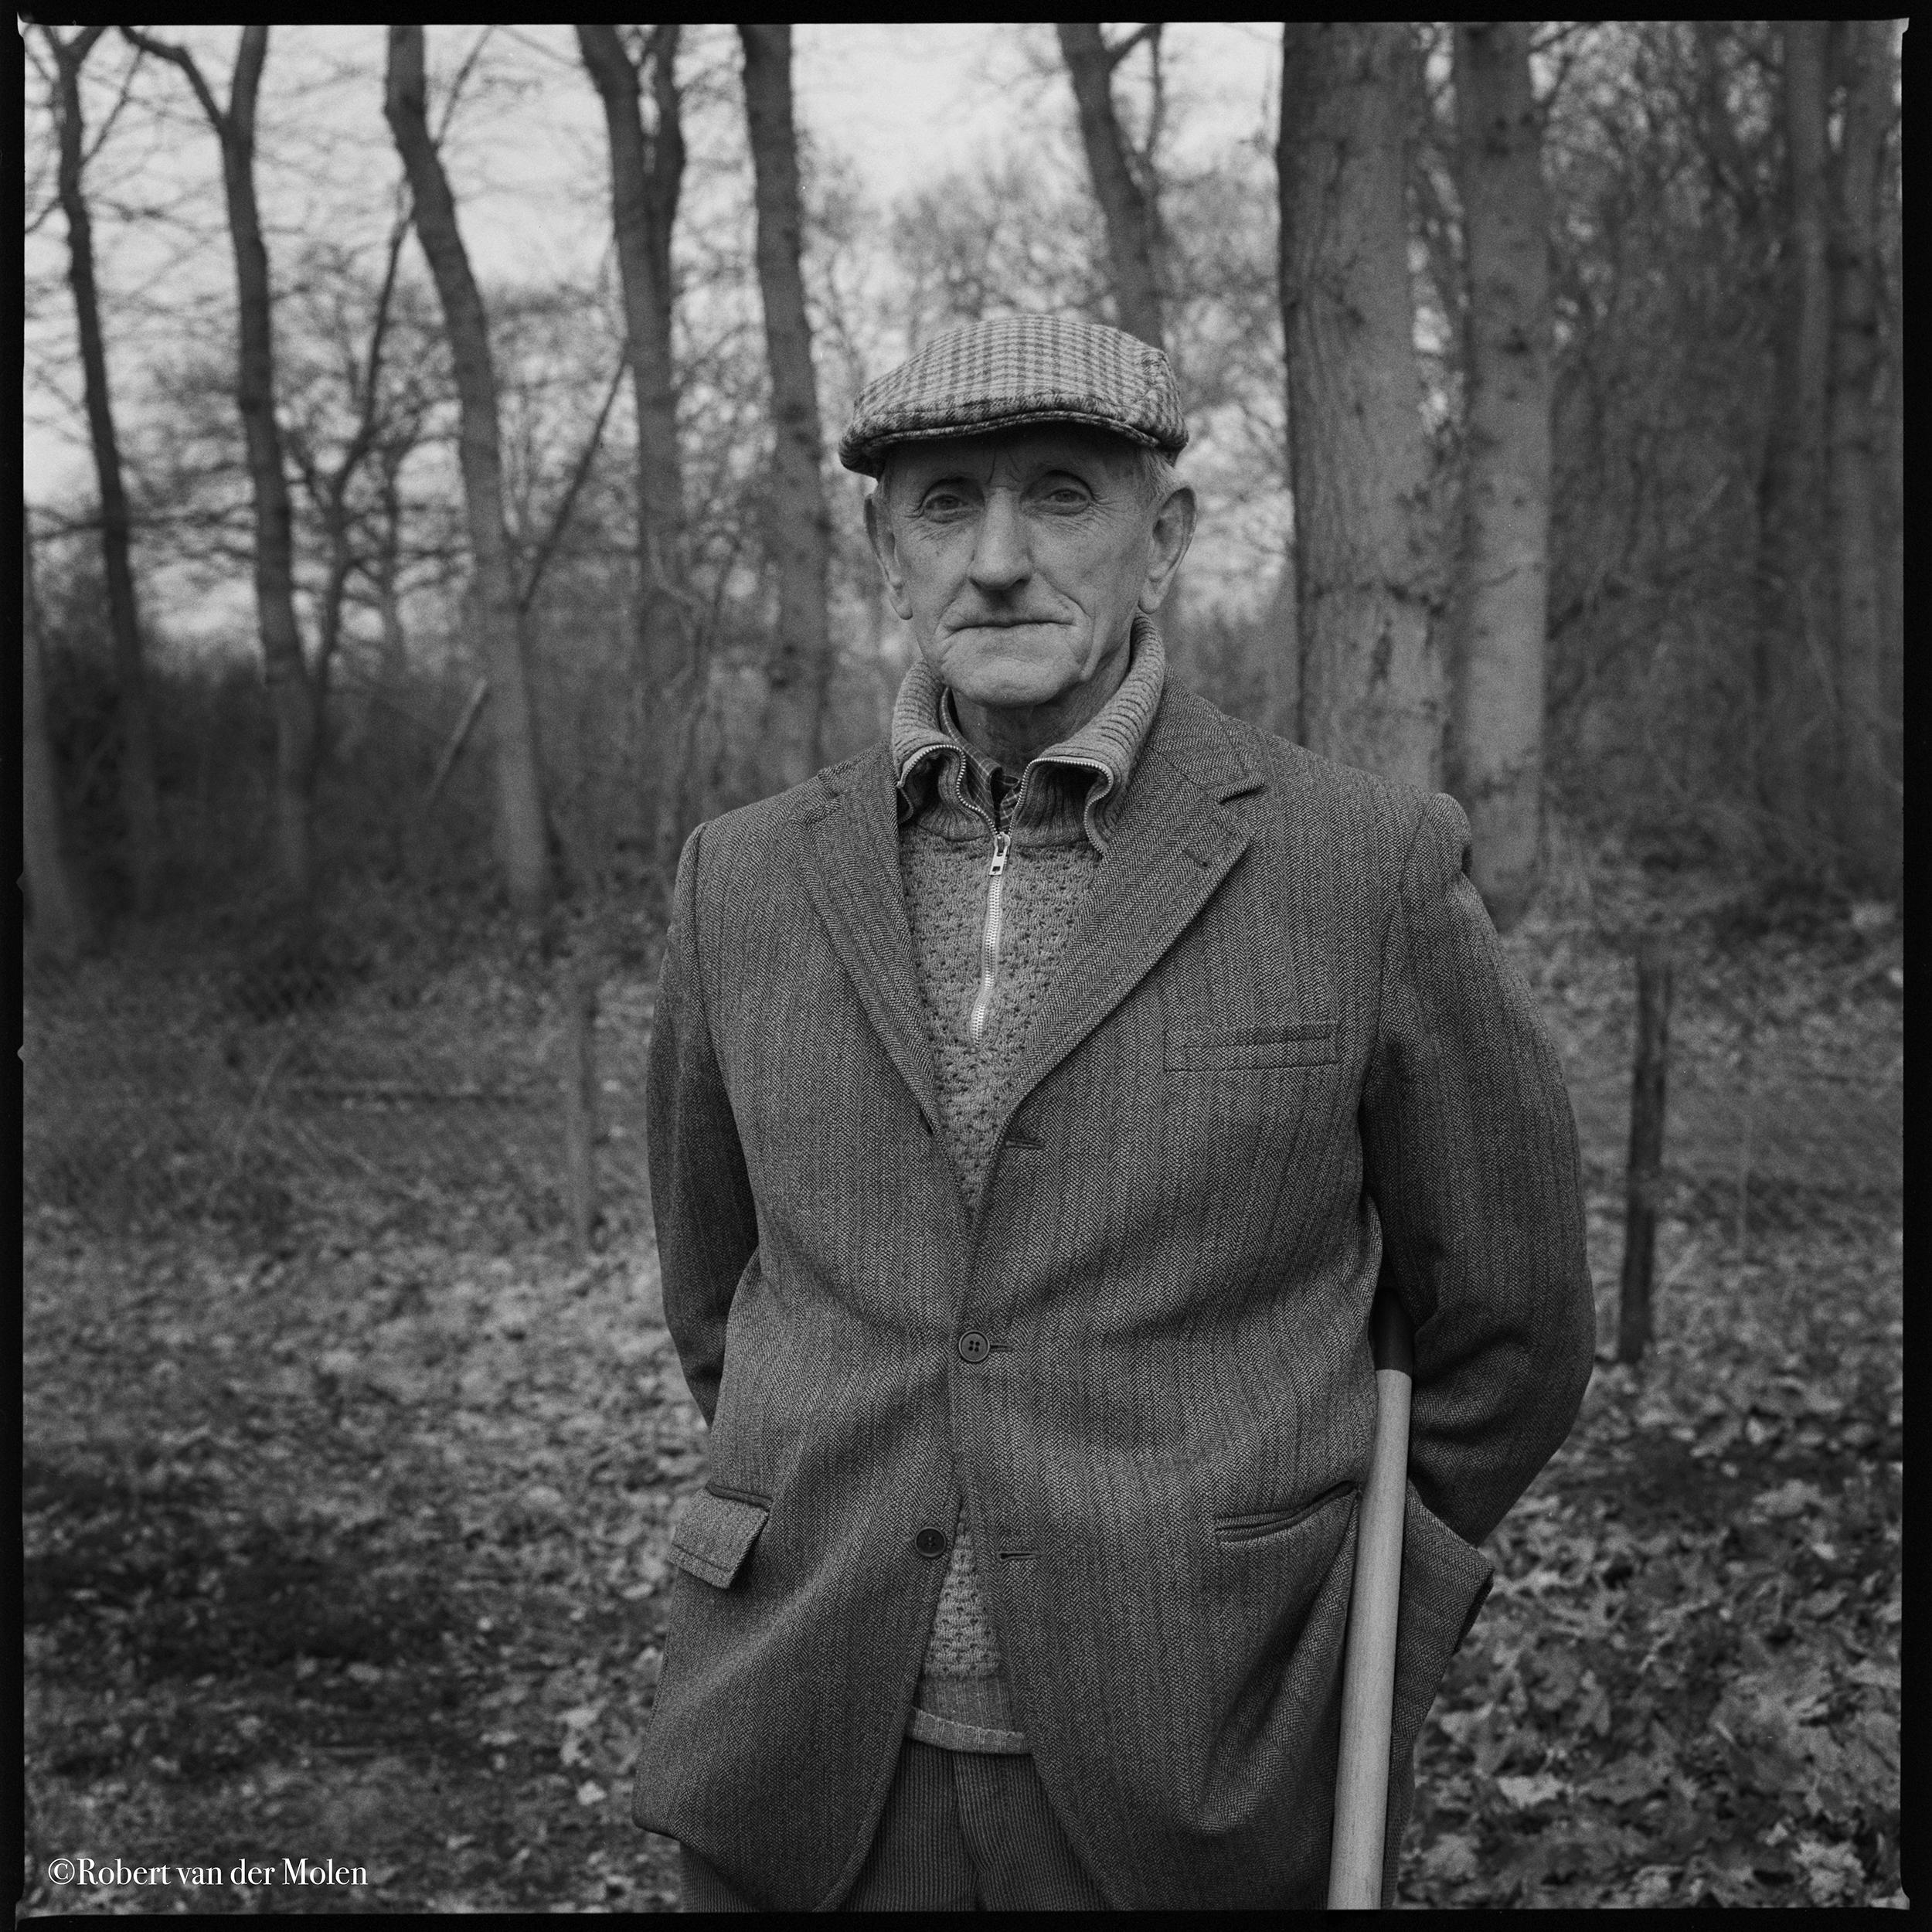 Portret-fotograaf-Groningen-Robert van der Molen-Zuidvelde-5.jpg